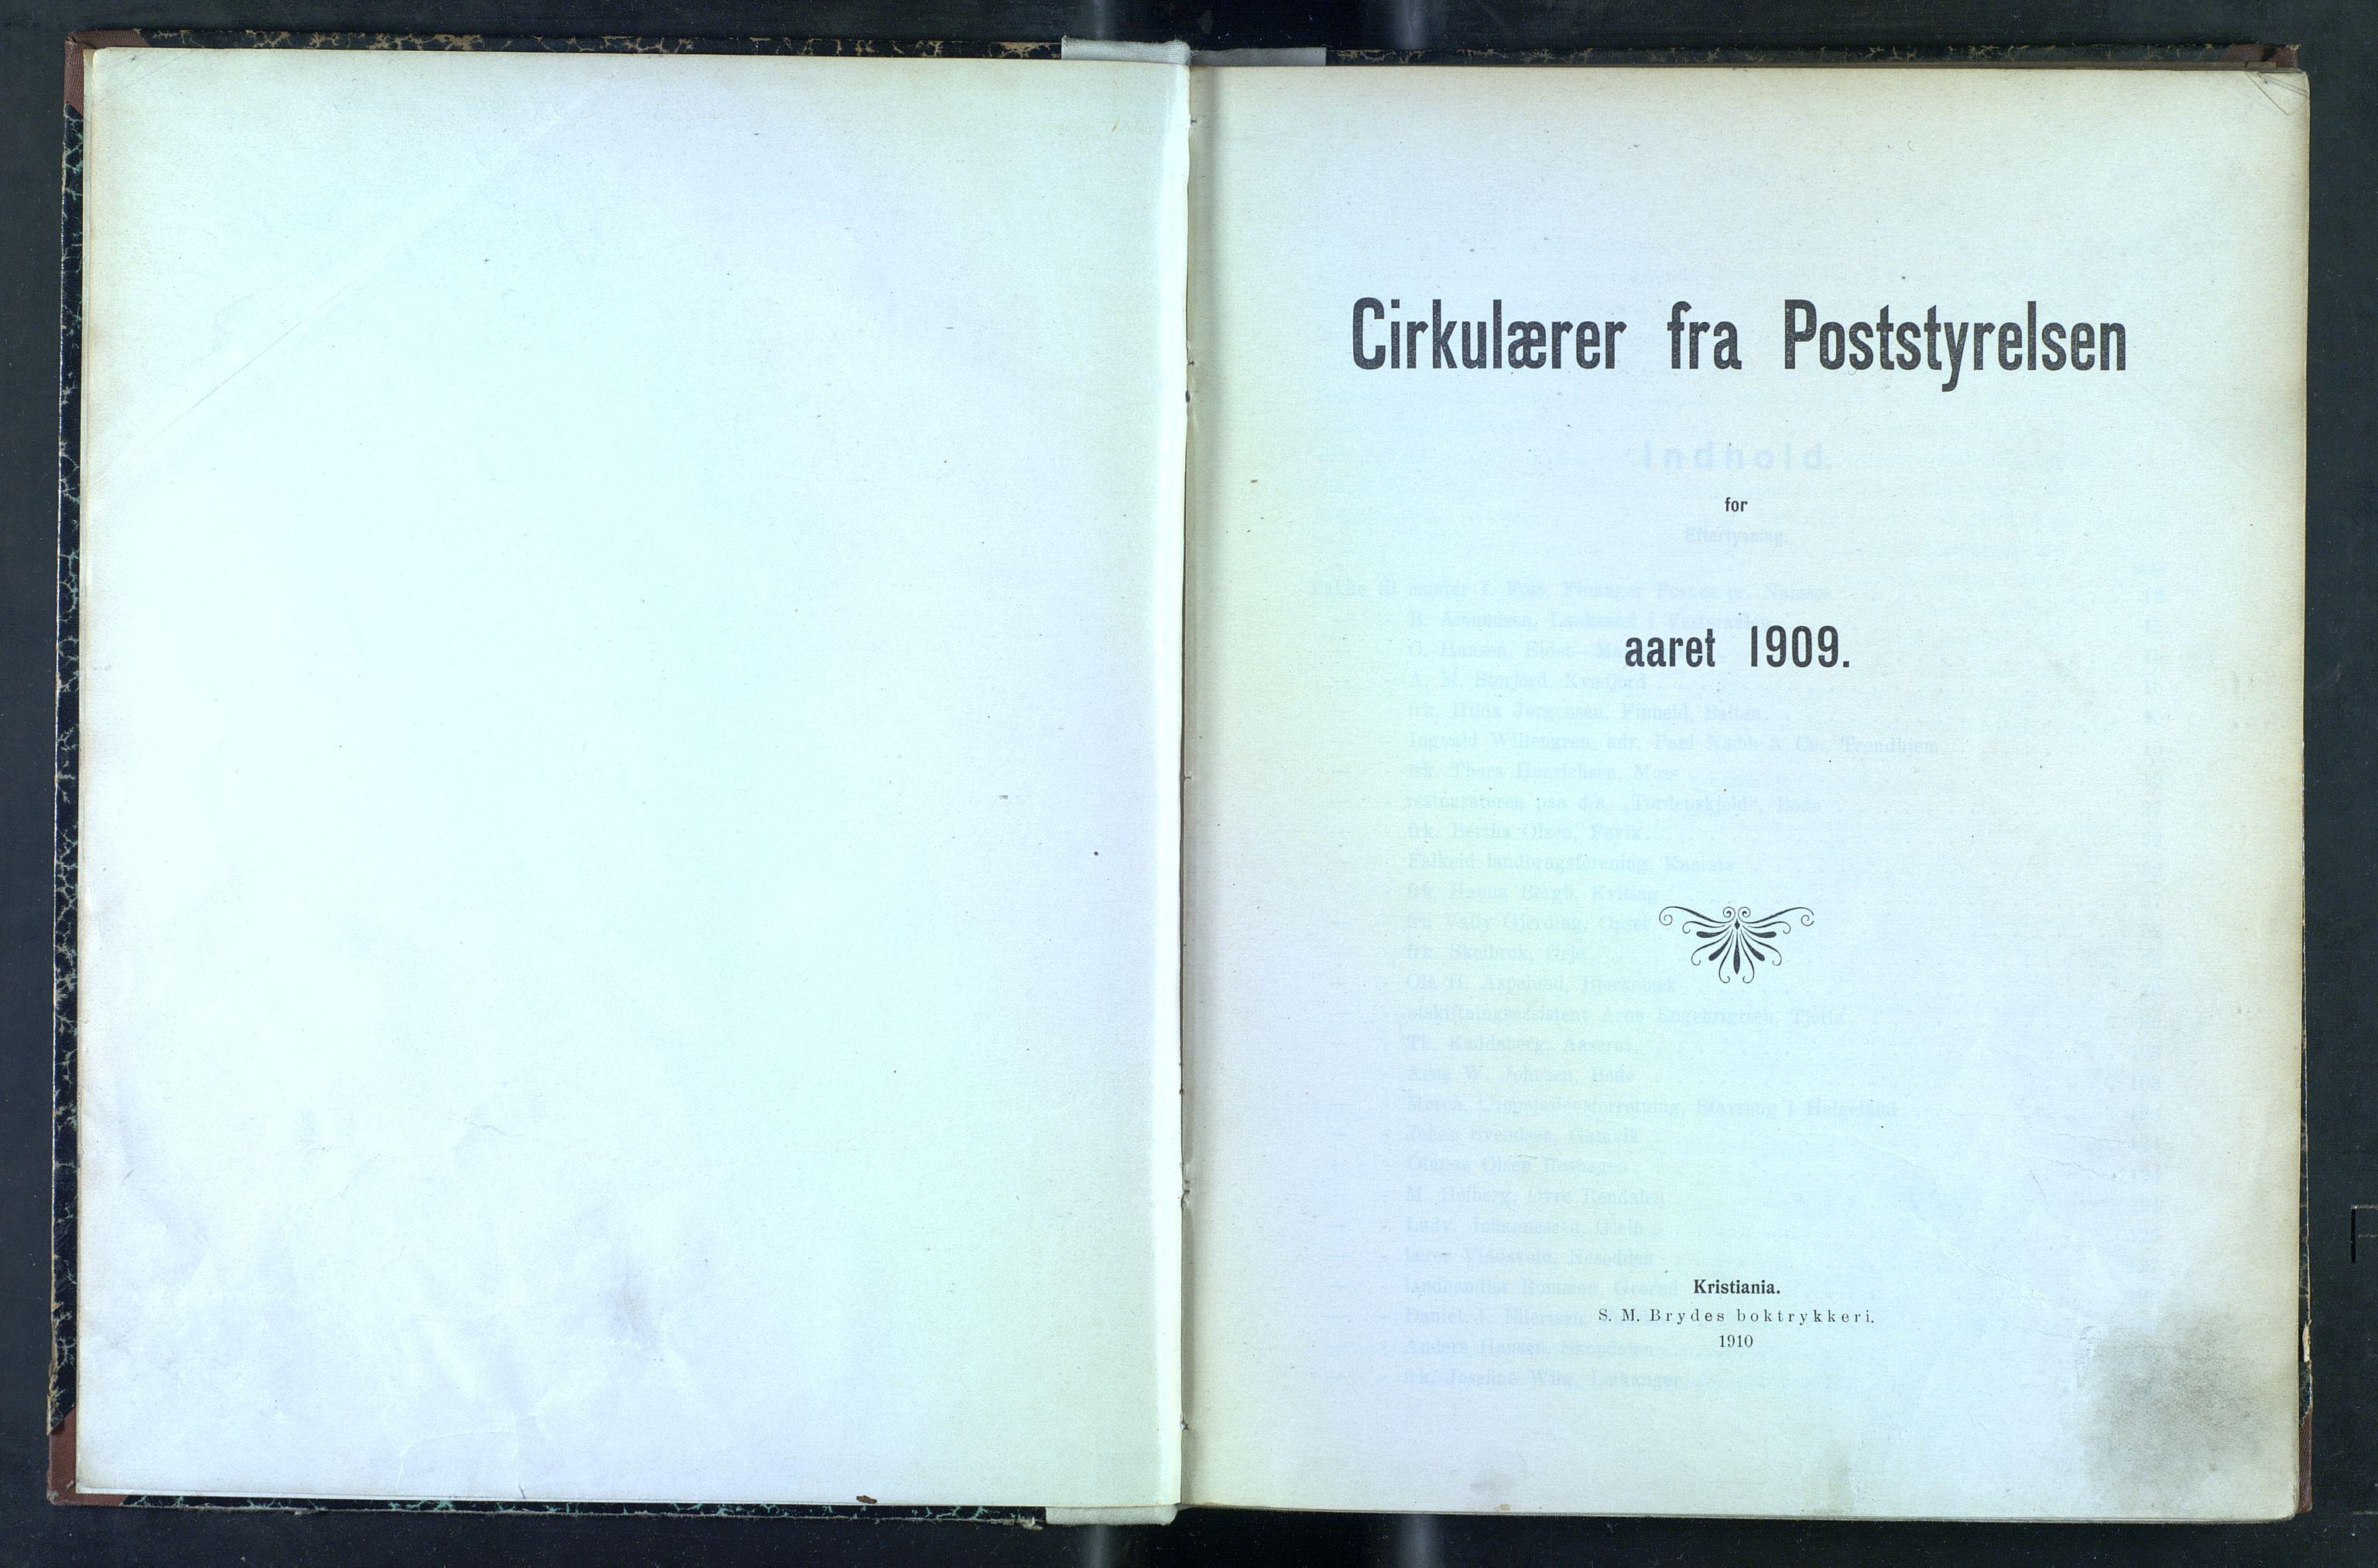 NOPO, Norges Postmuseums bibliotek, -/-: Sirkulærer fra Poststyrelsen, 1909